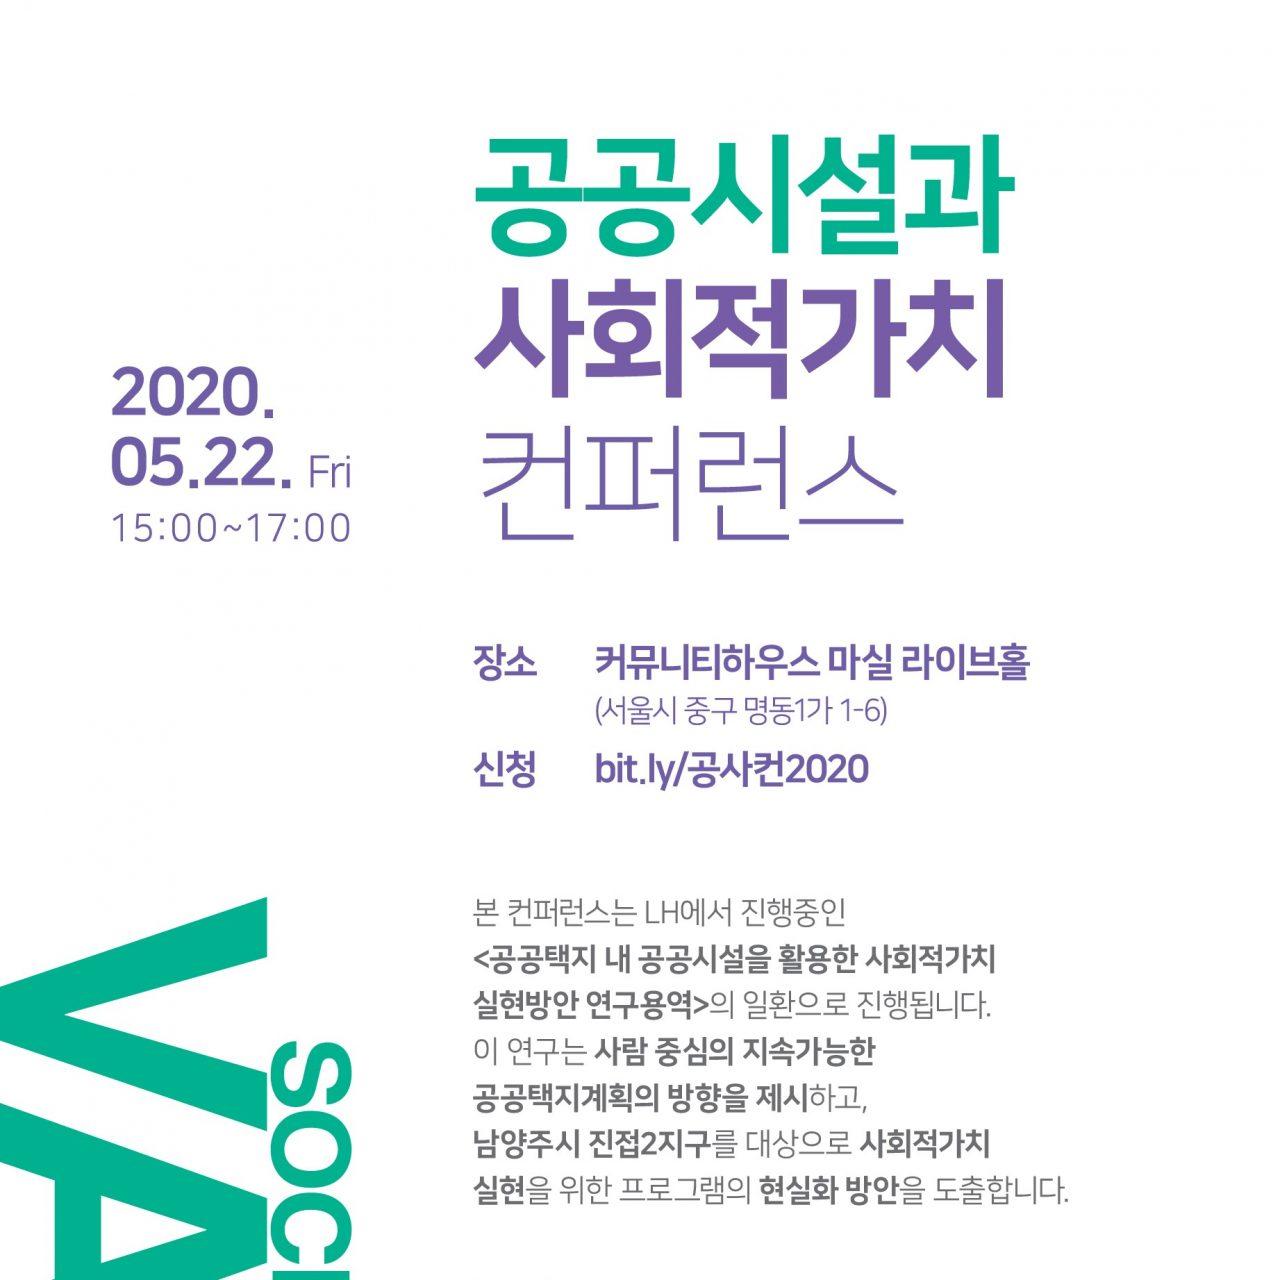 200514_공공시설과 사회적가치 컨퍼런스 웹자보_히어로